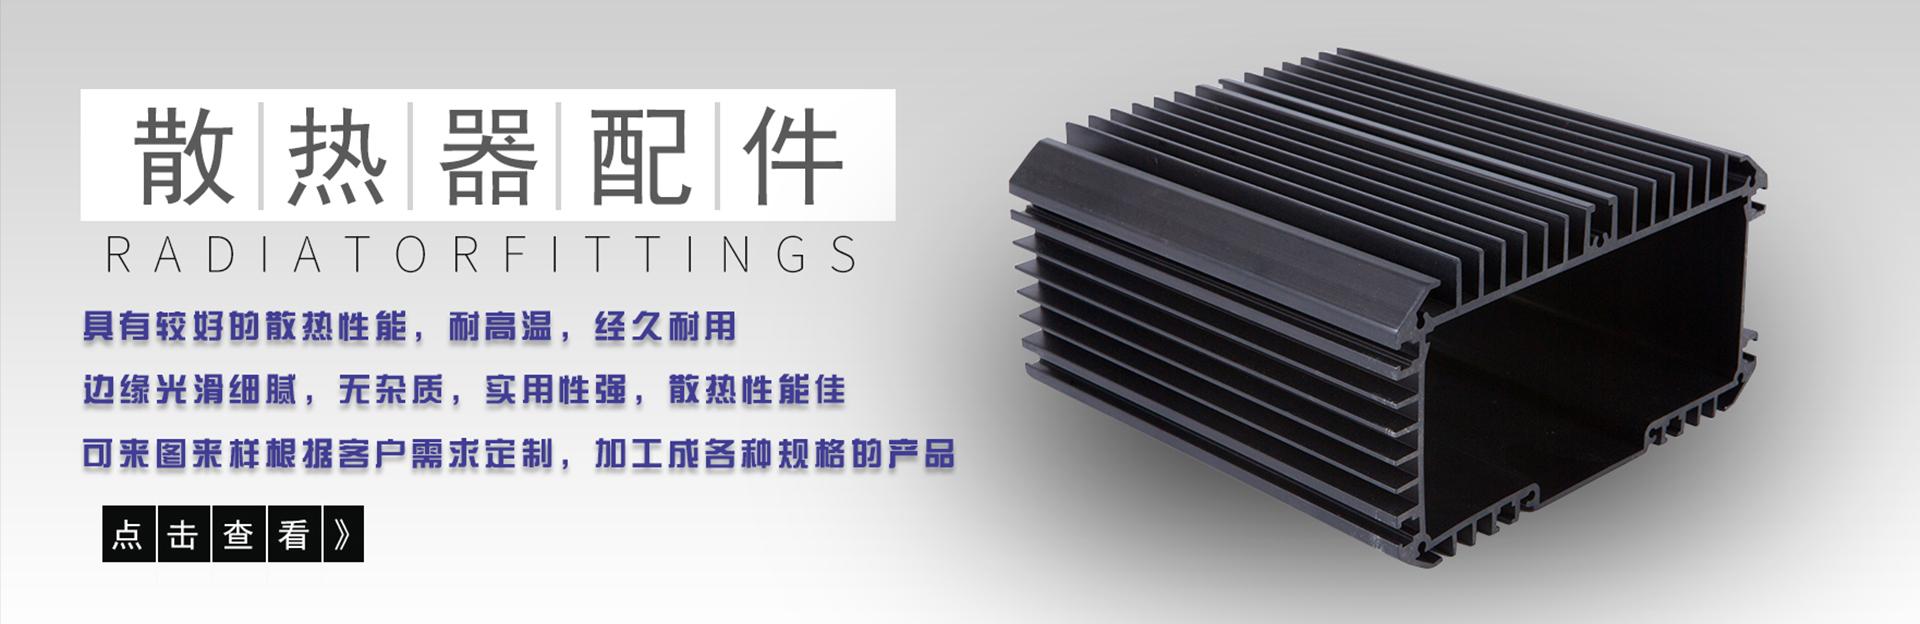 铝型材散热器加工